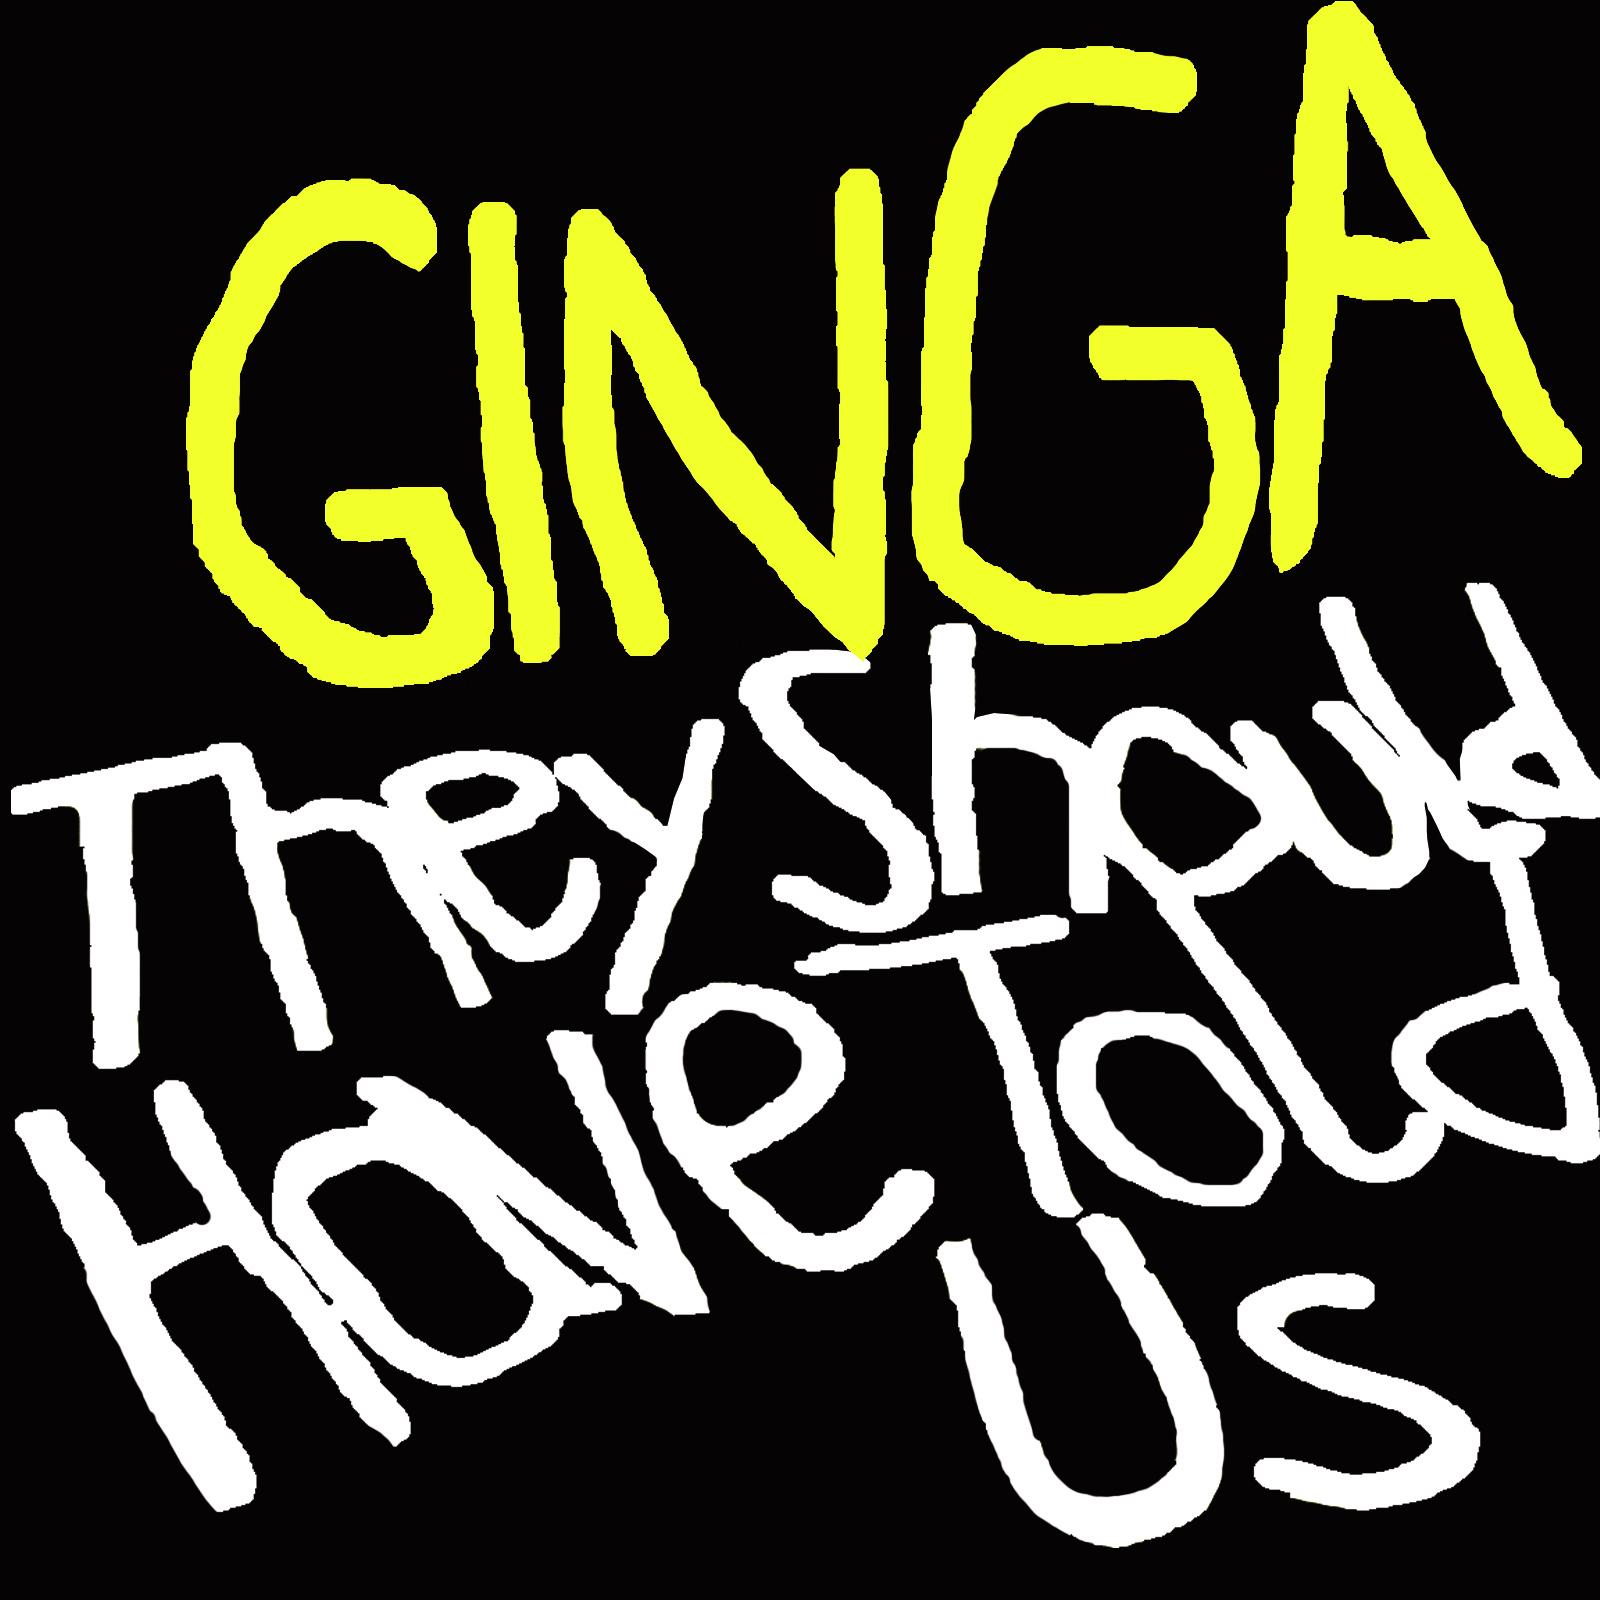 Ginga Cover_gr.jpg